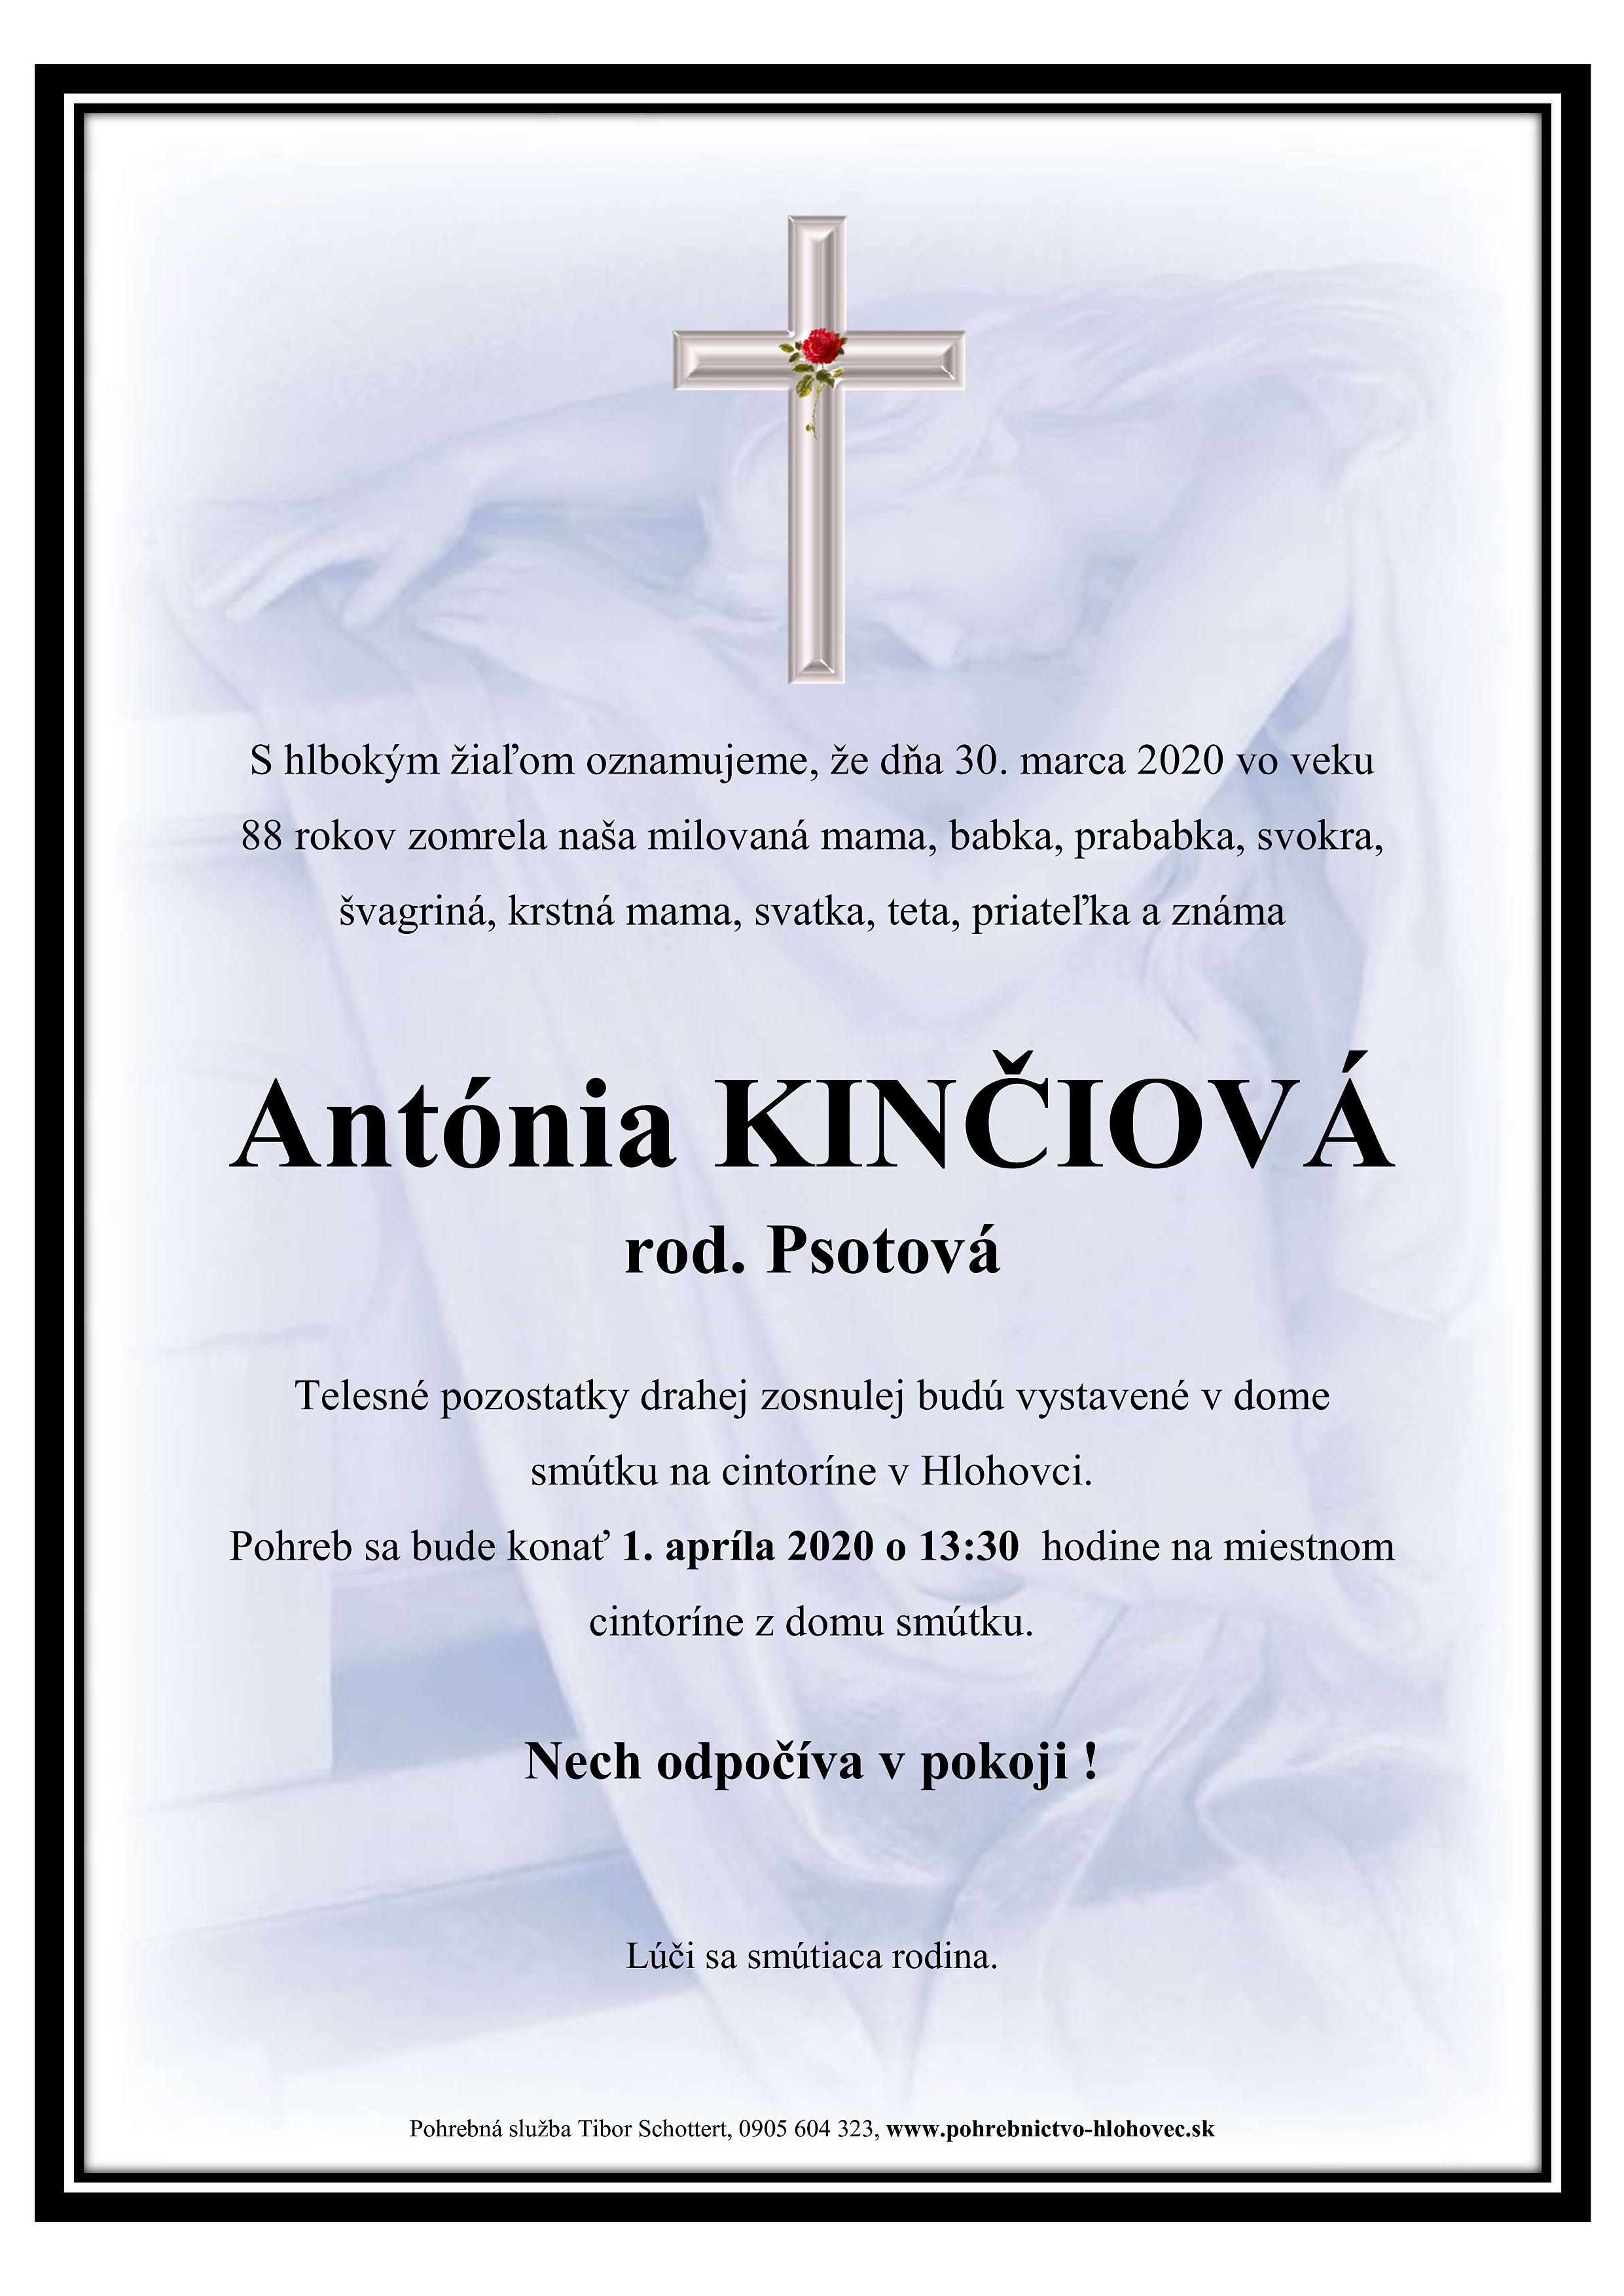 Antónia Kinčiová Parte